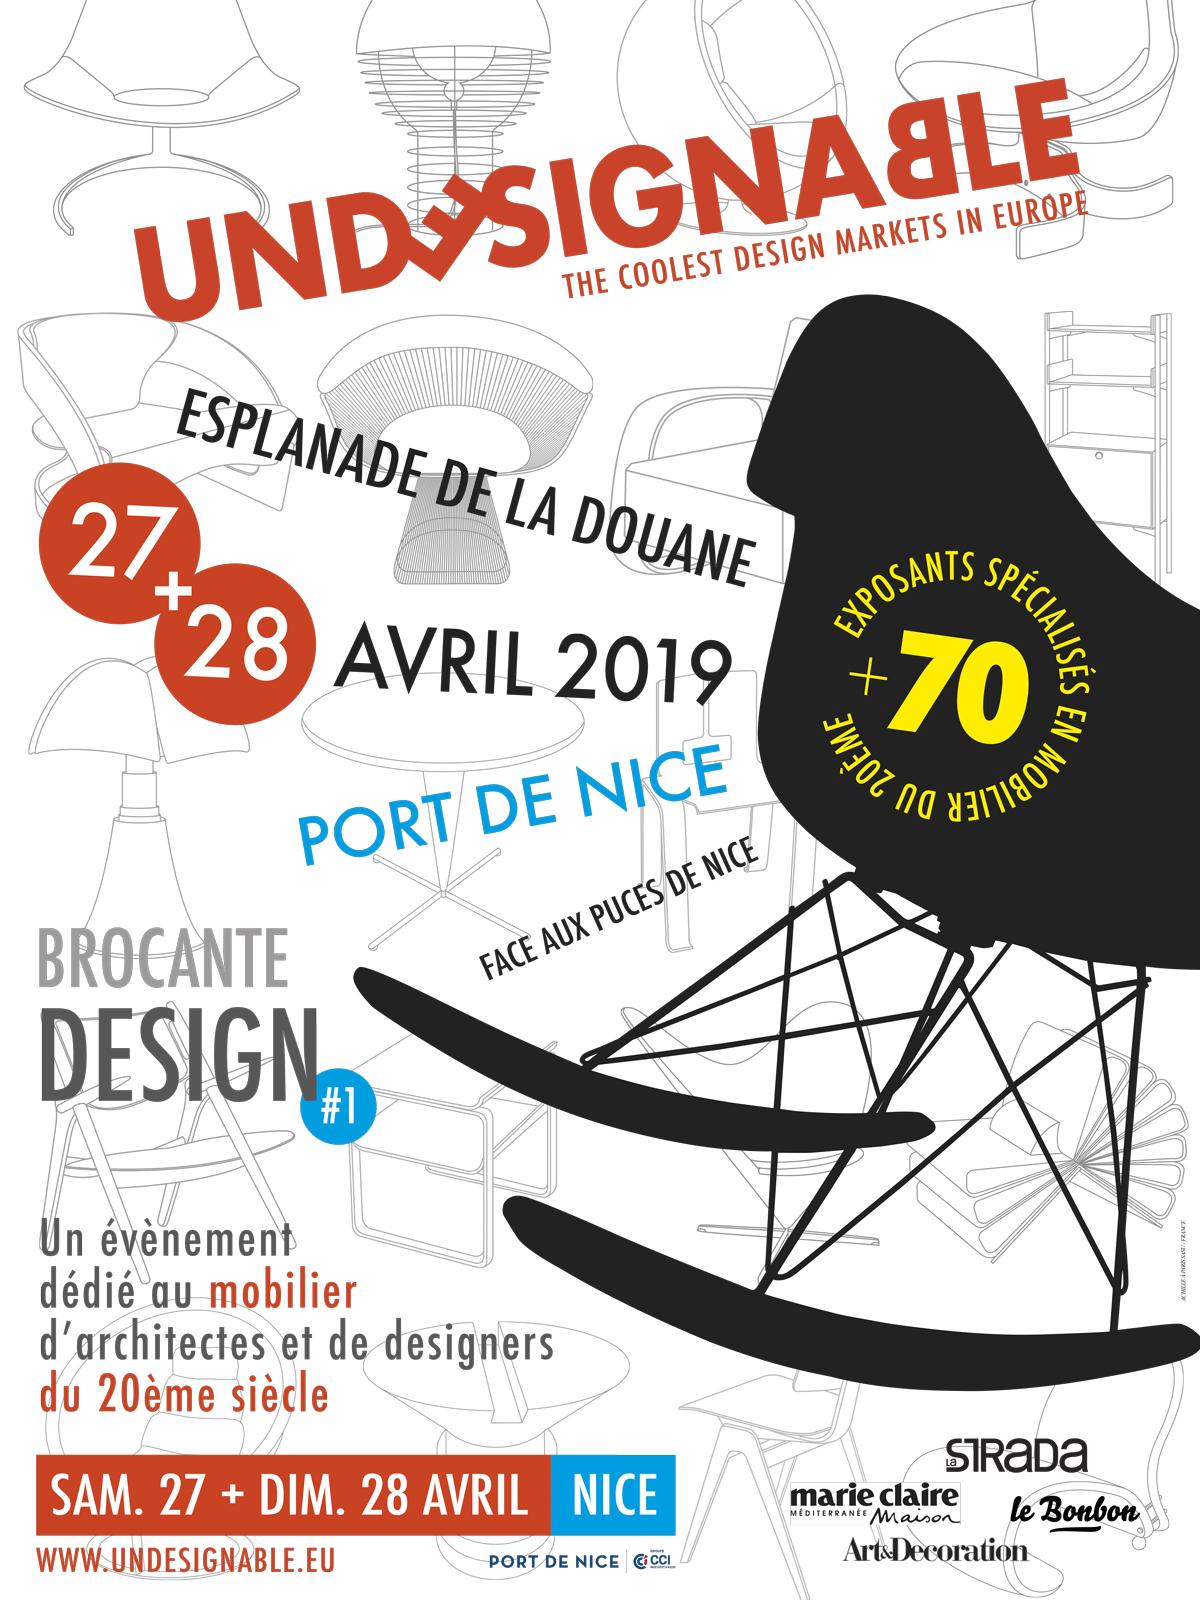 deco-nouveau-undesignable-brocante-design-nice-port-puces